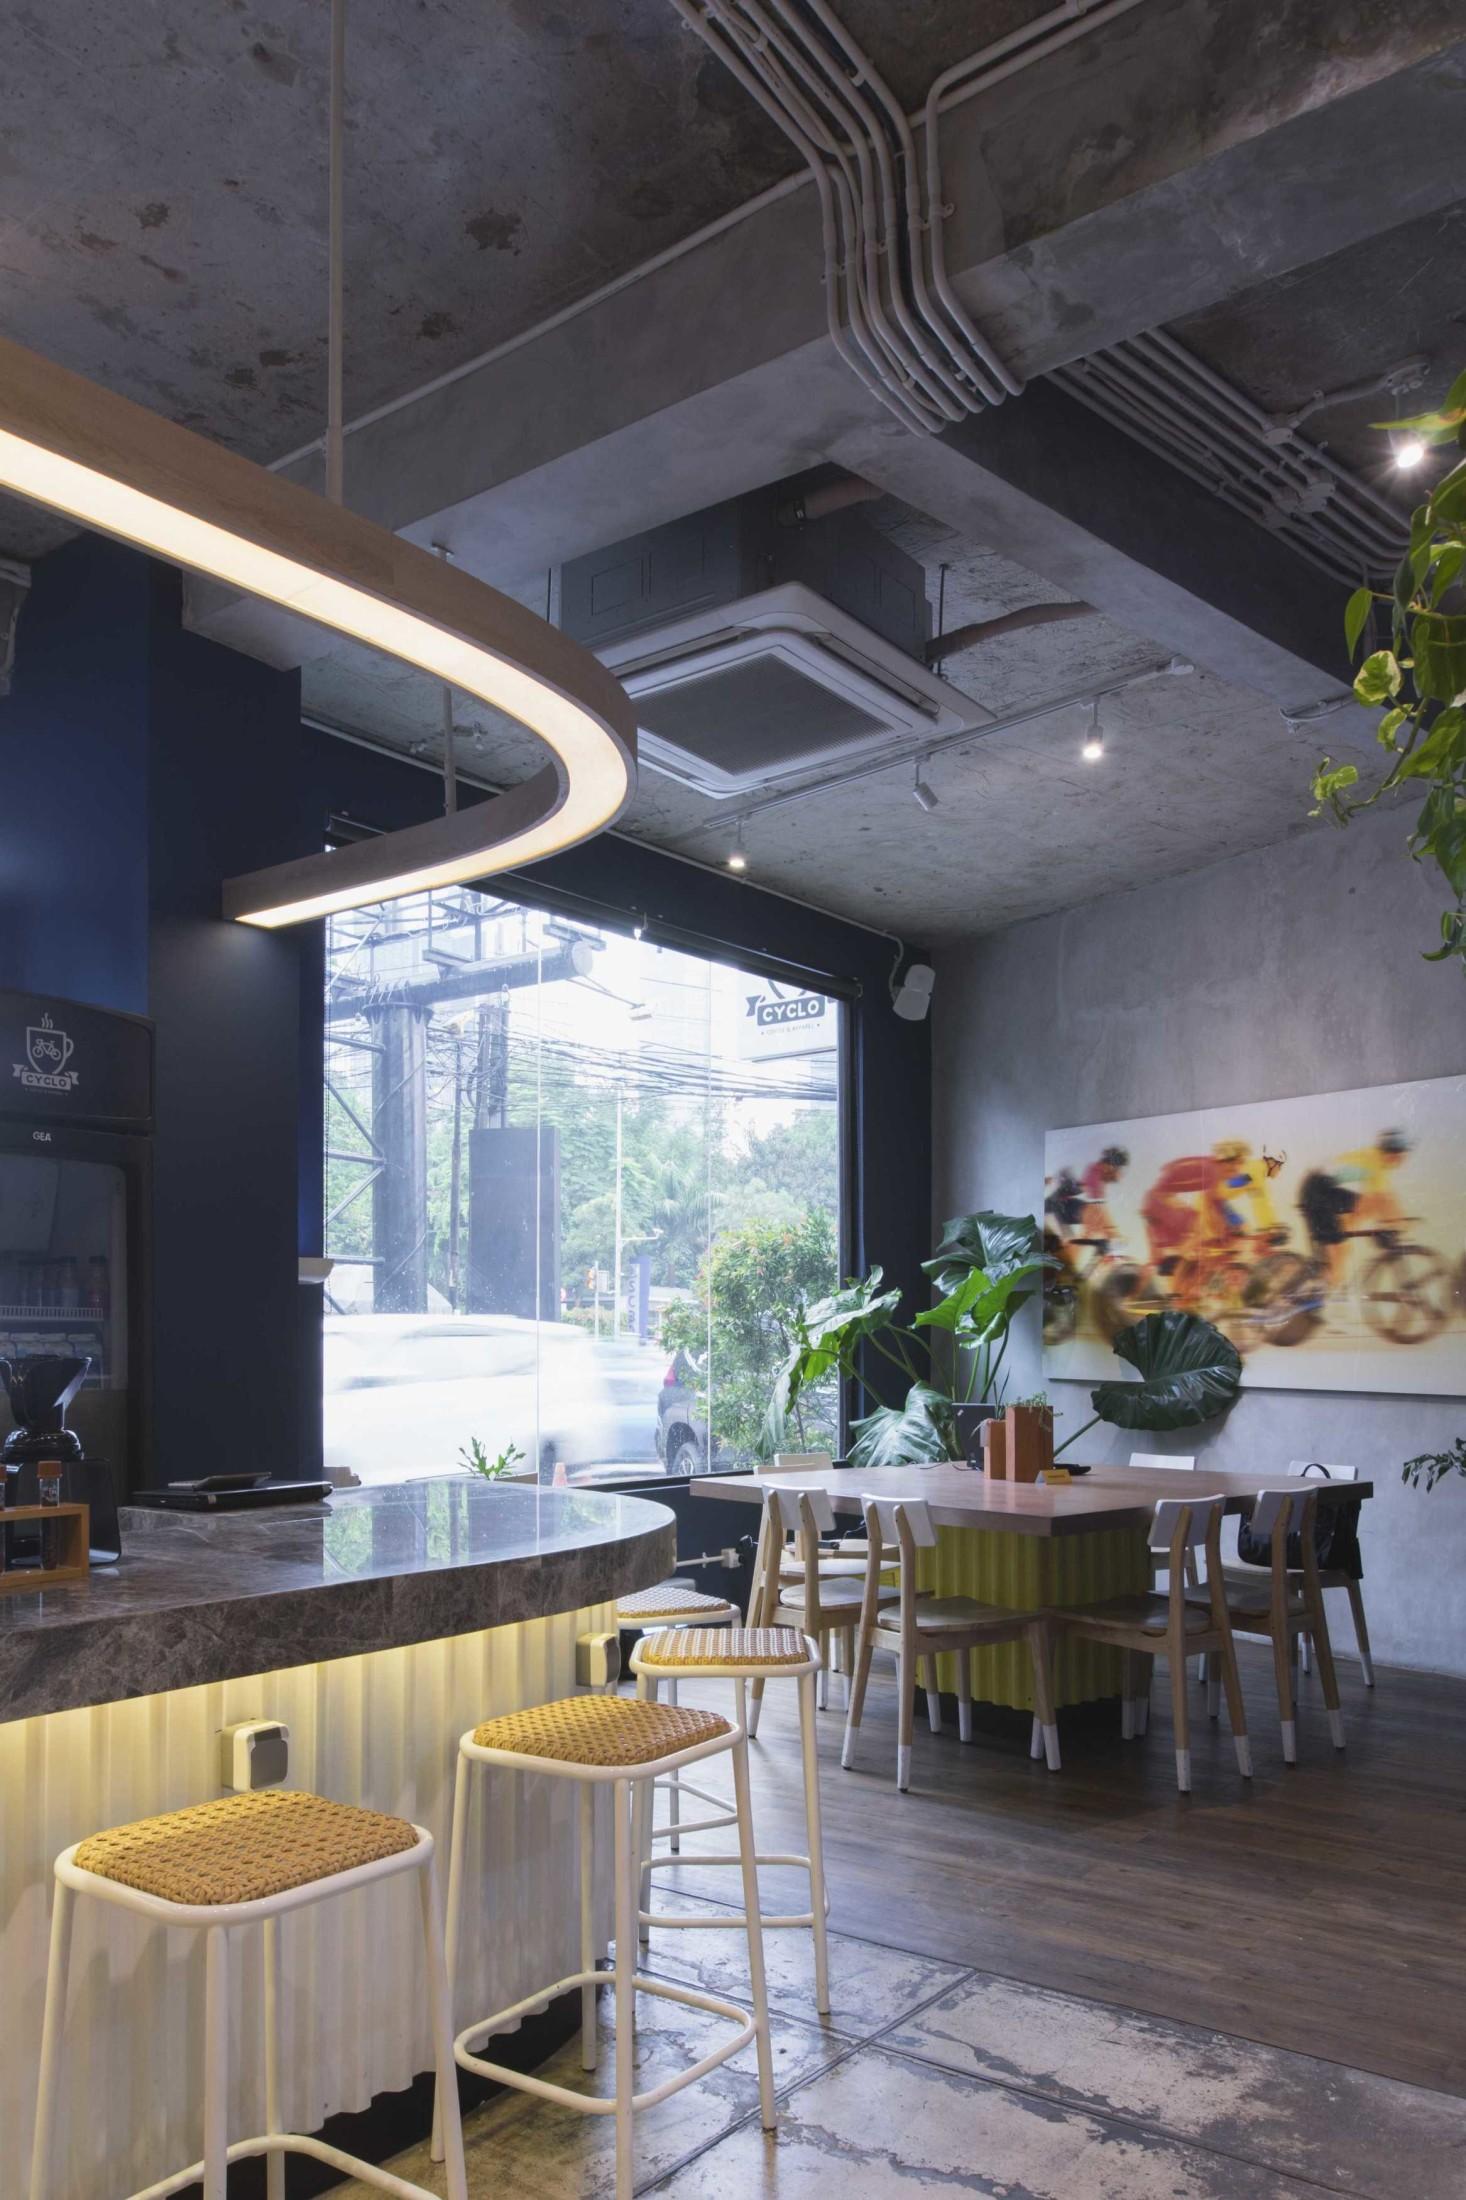 Tanaman hijau sebagai dekorasi yang menghidupkan suasana dan penyegar ruangan (Sumber: arsitag.com)